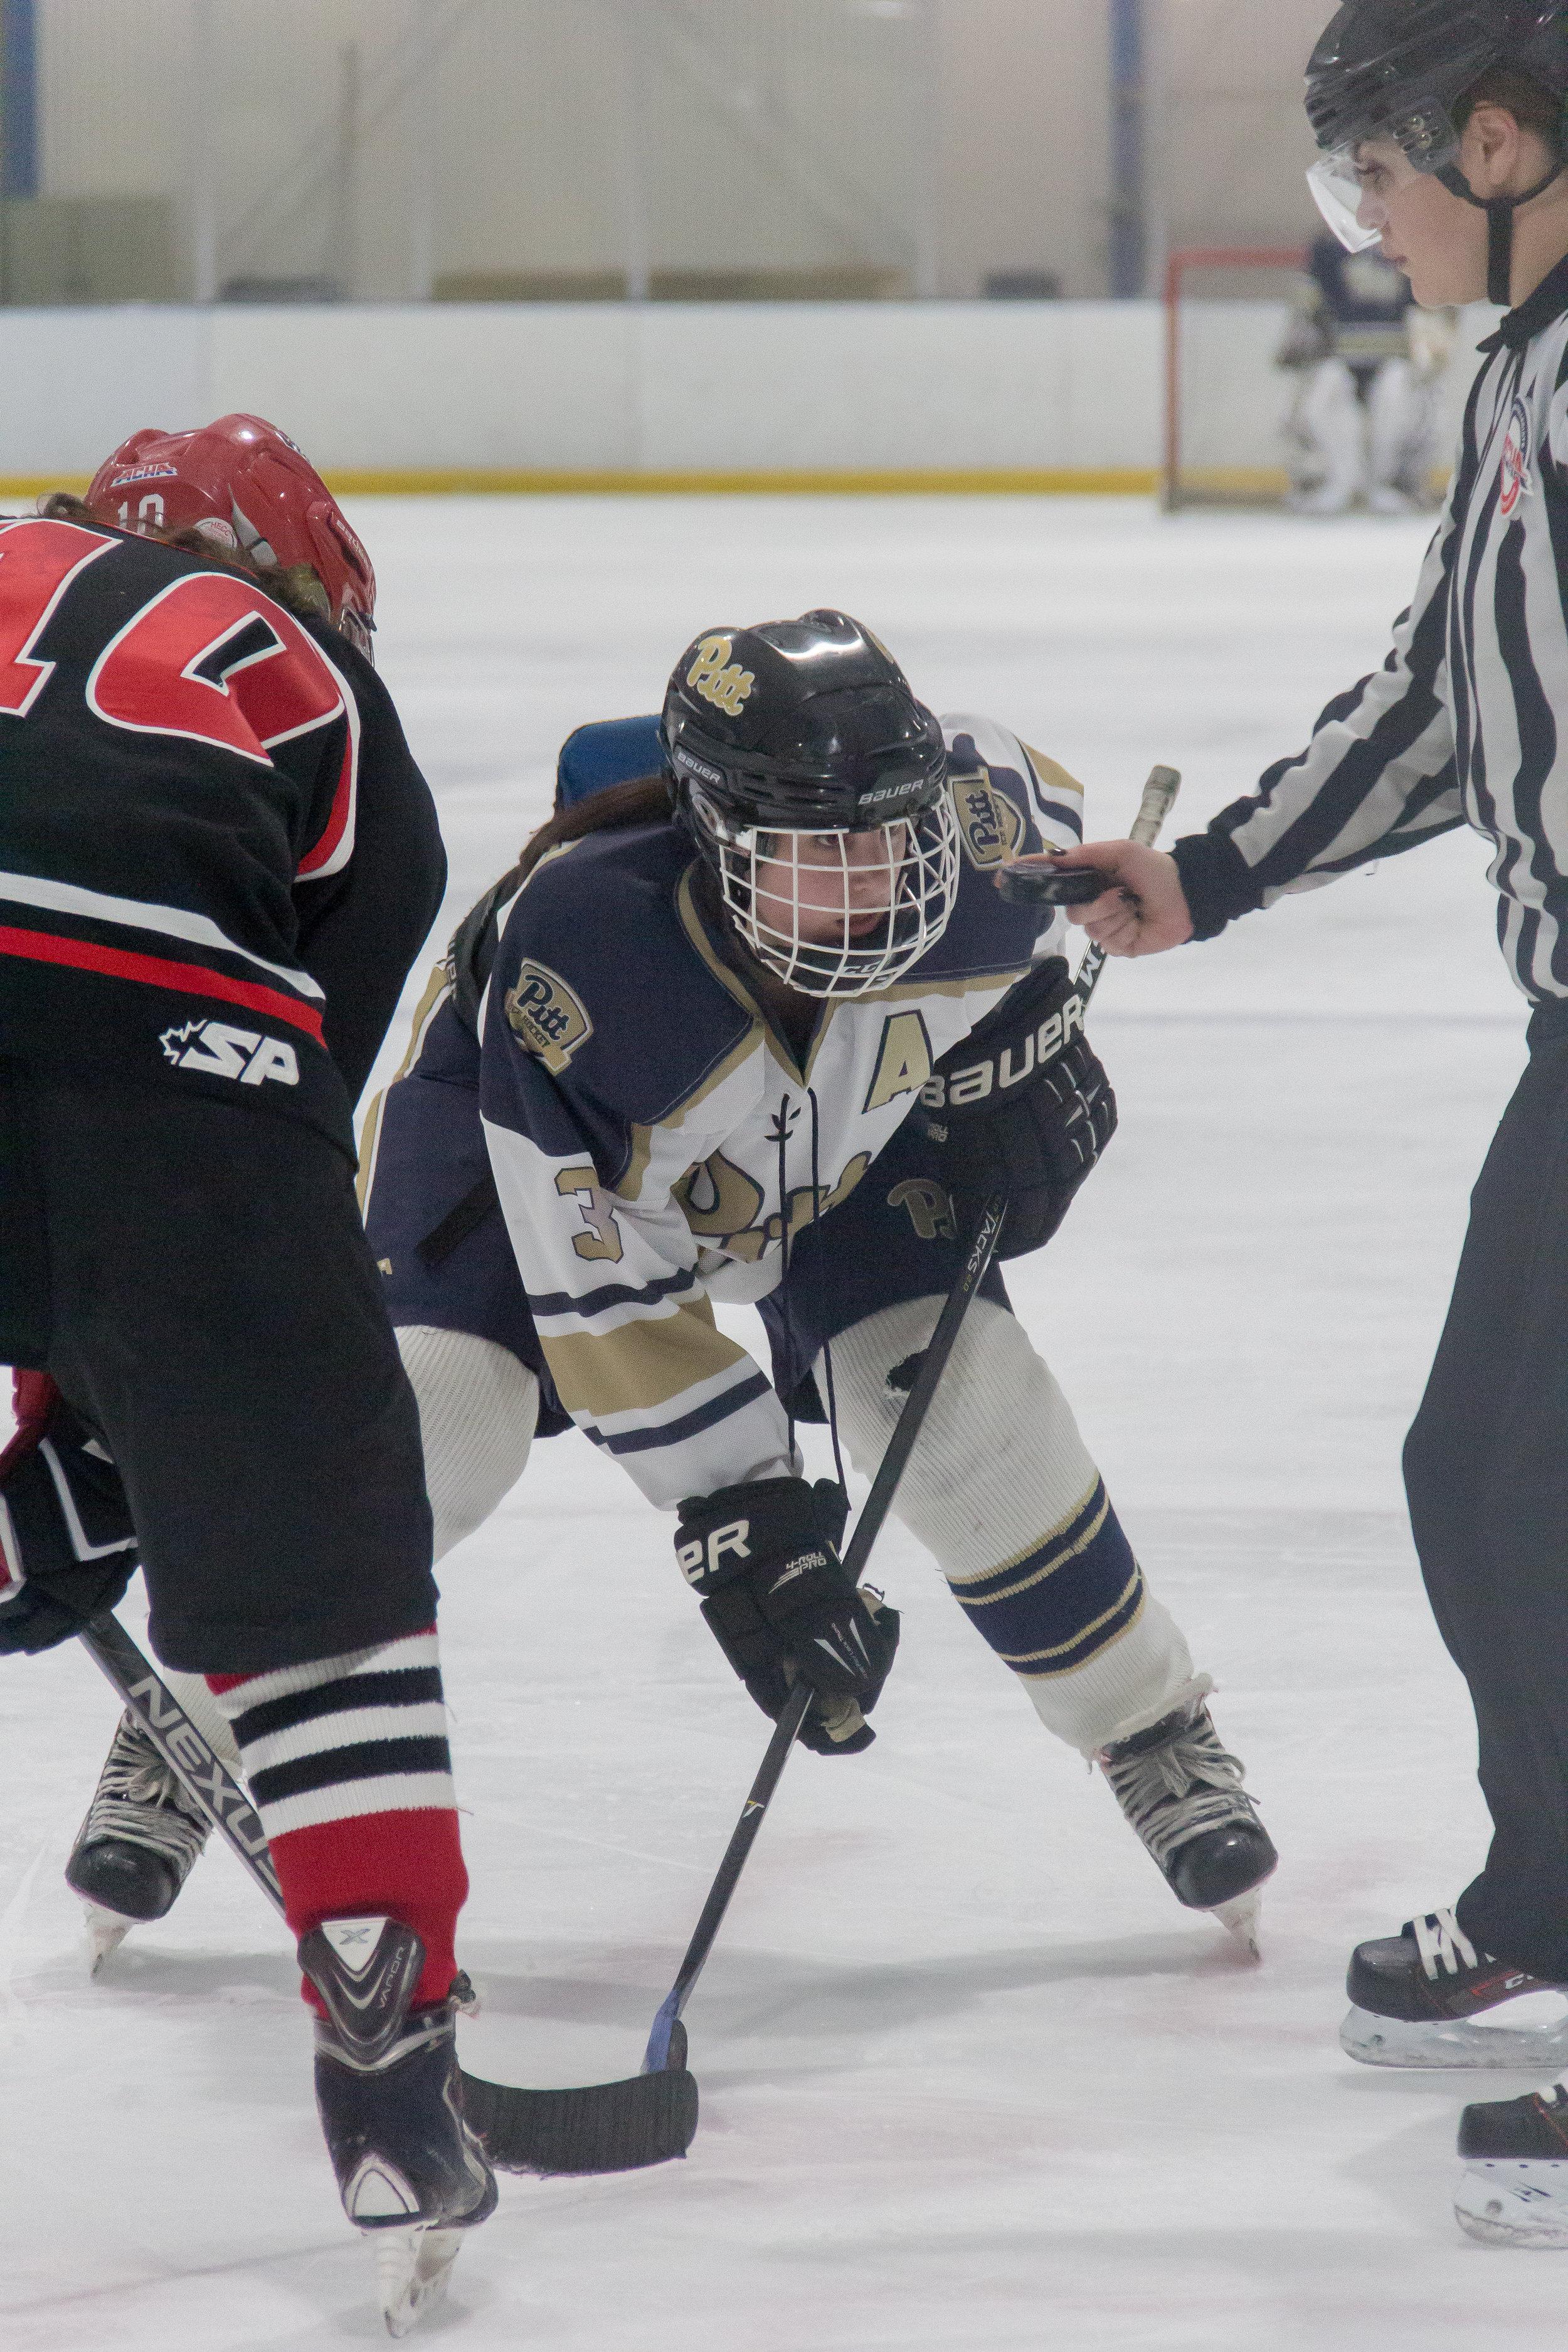 PittHockey-27.jpg